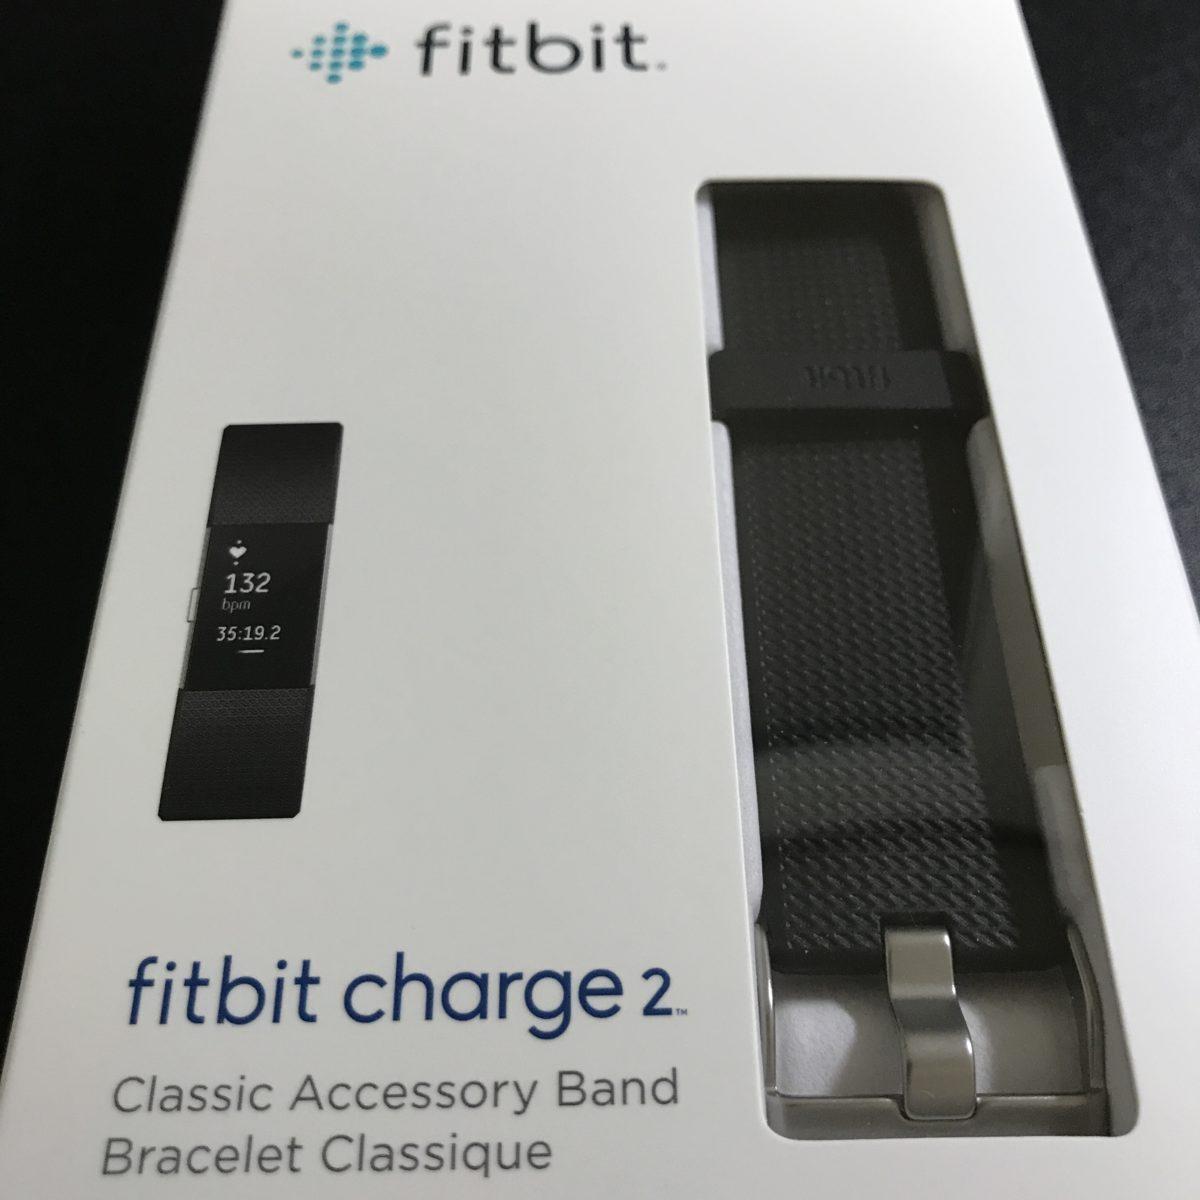 Fitbit「Charge2」のリストバンドが破損!問い合わせたら、アメリカから無償で新品が送られて来ました!1